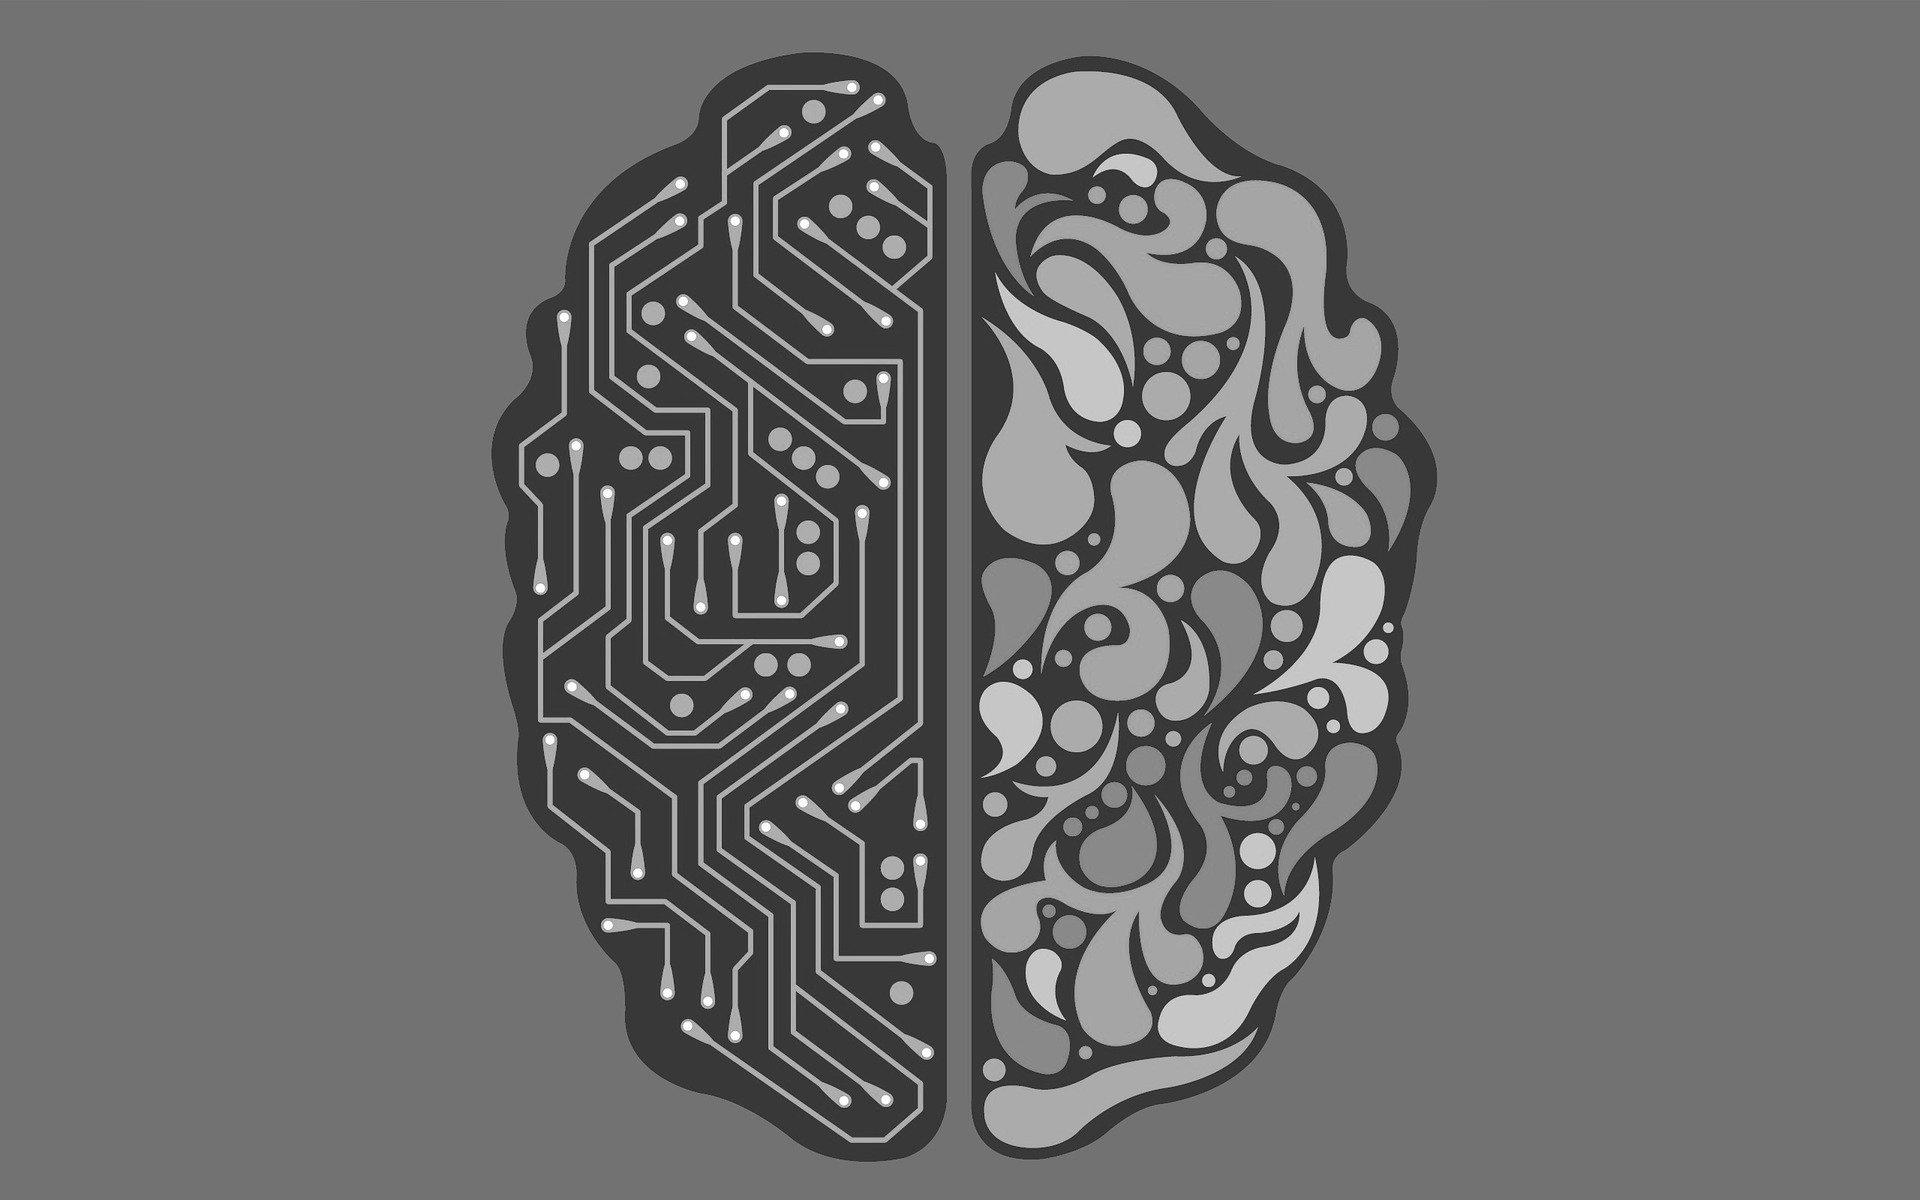 CEO do Google diz que Inteligência artificial precisa ser regulamentada